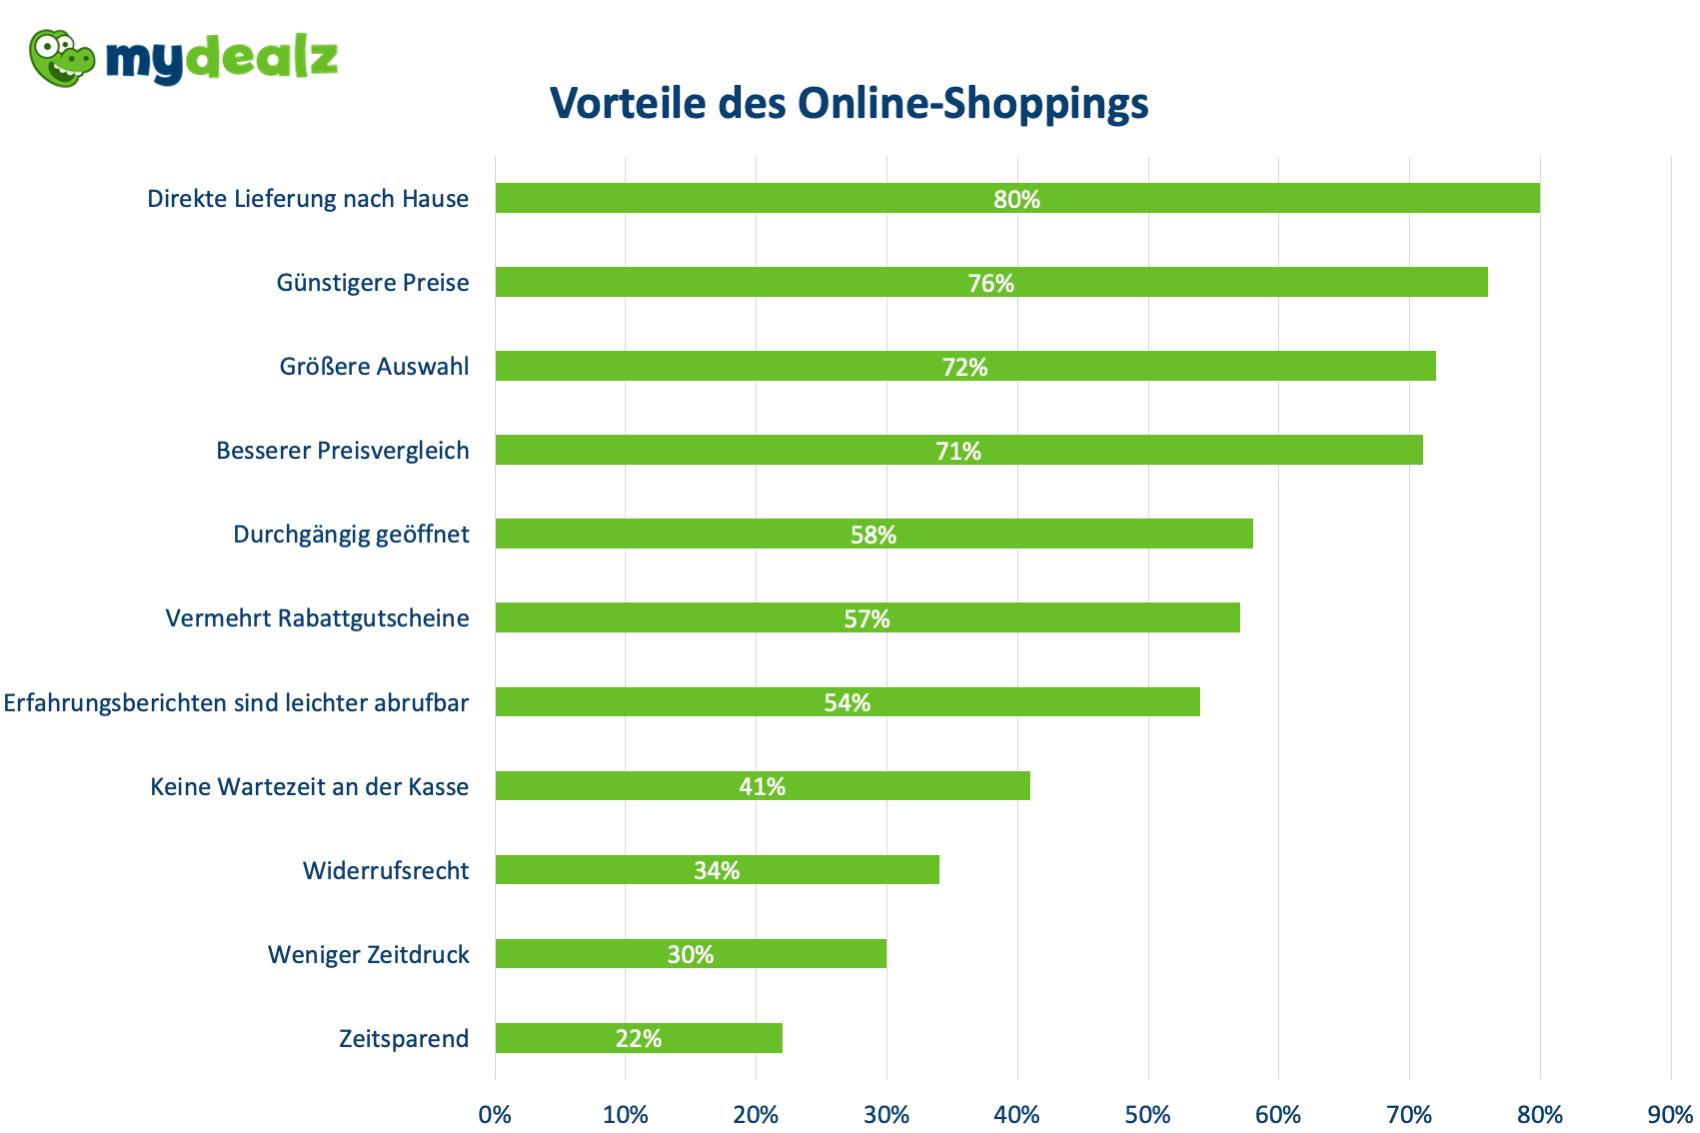 Vorteile_Online-Shopping.png